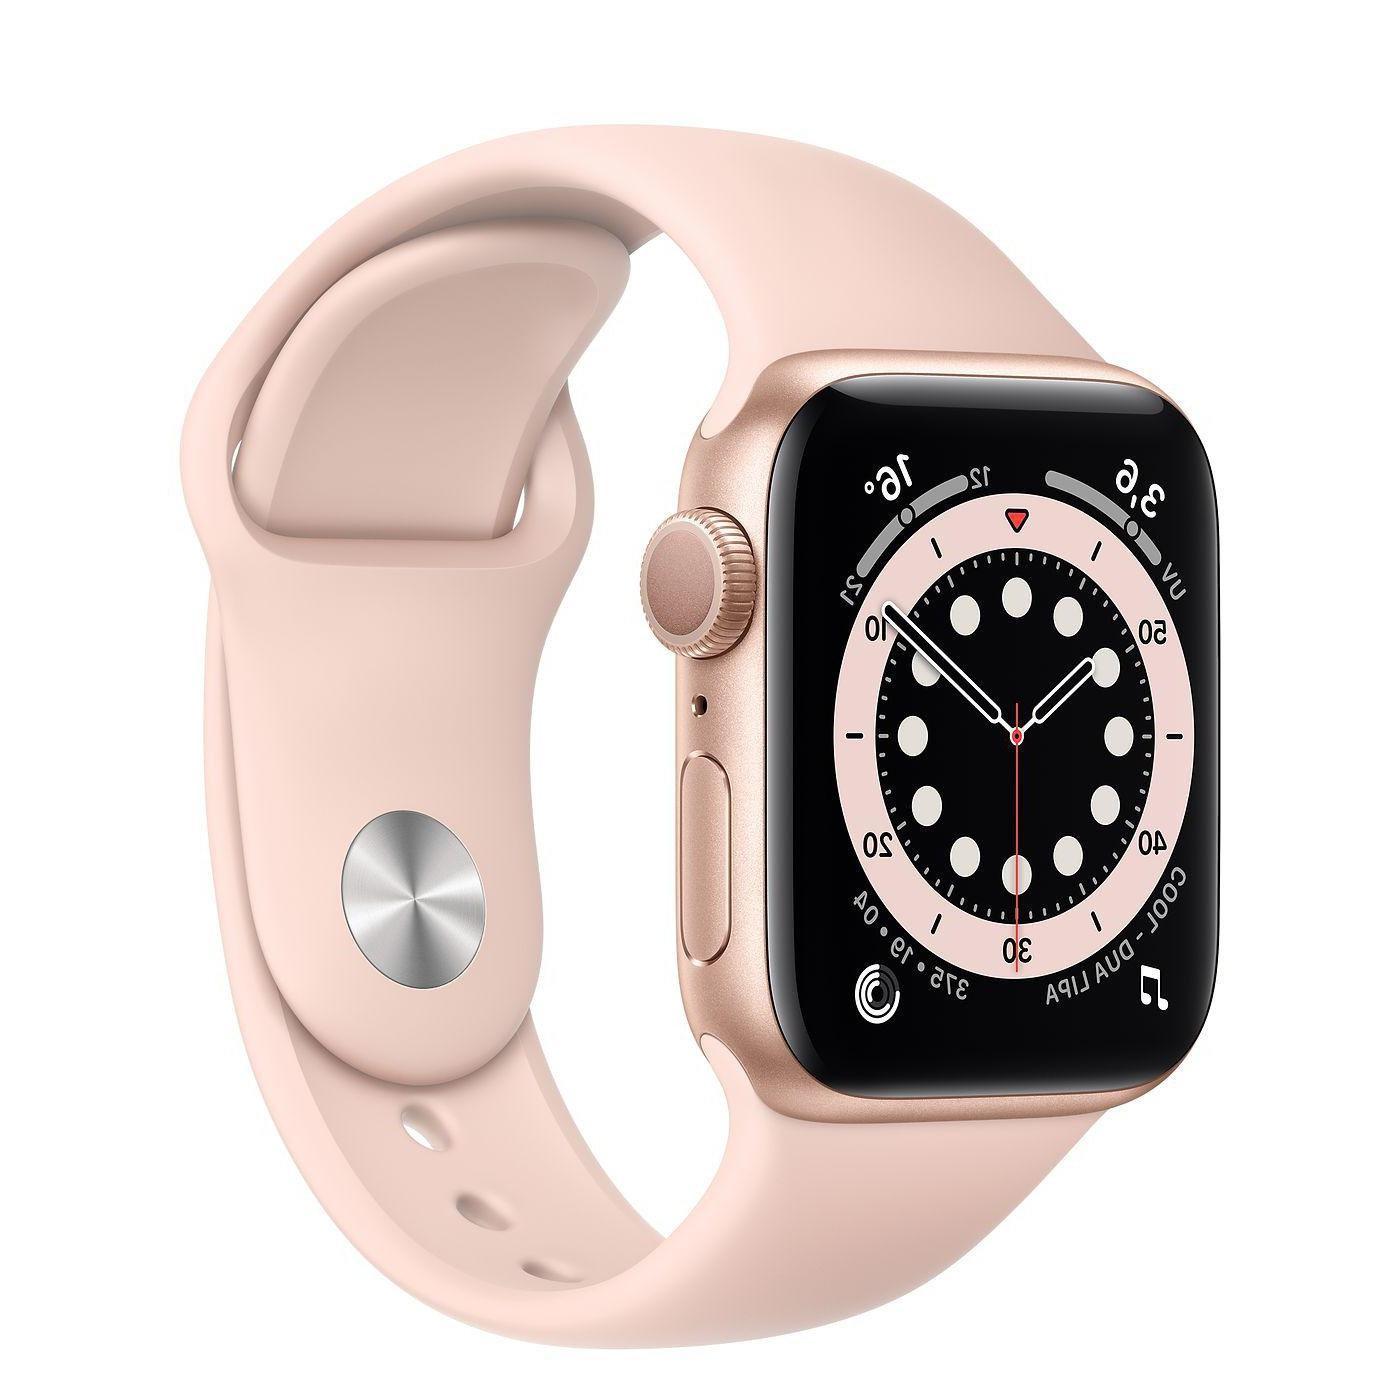 Apple Watch (Series 6) Setembro 2020 40 - Alumínio Dourado - Circuito desportivo Rosa (Sand)